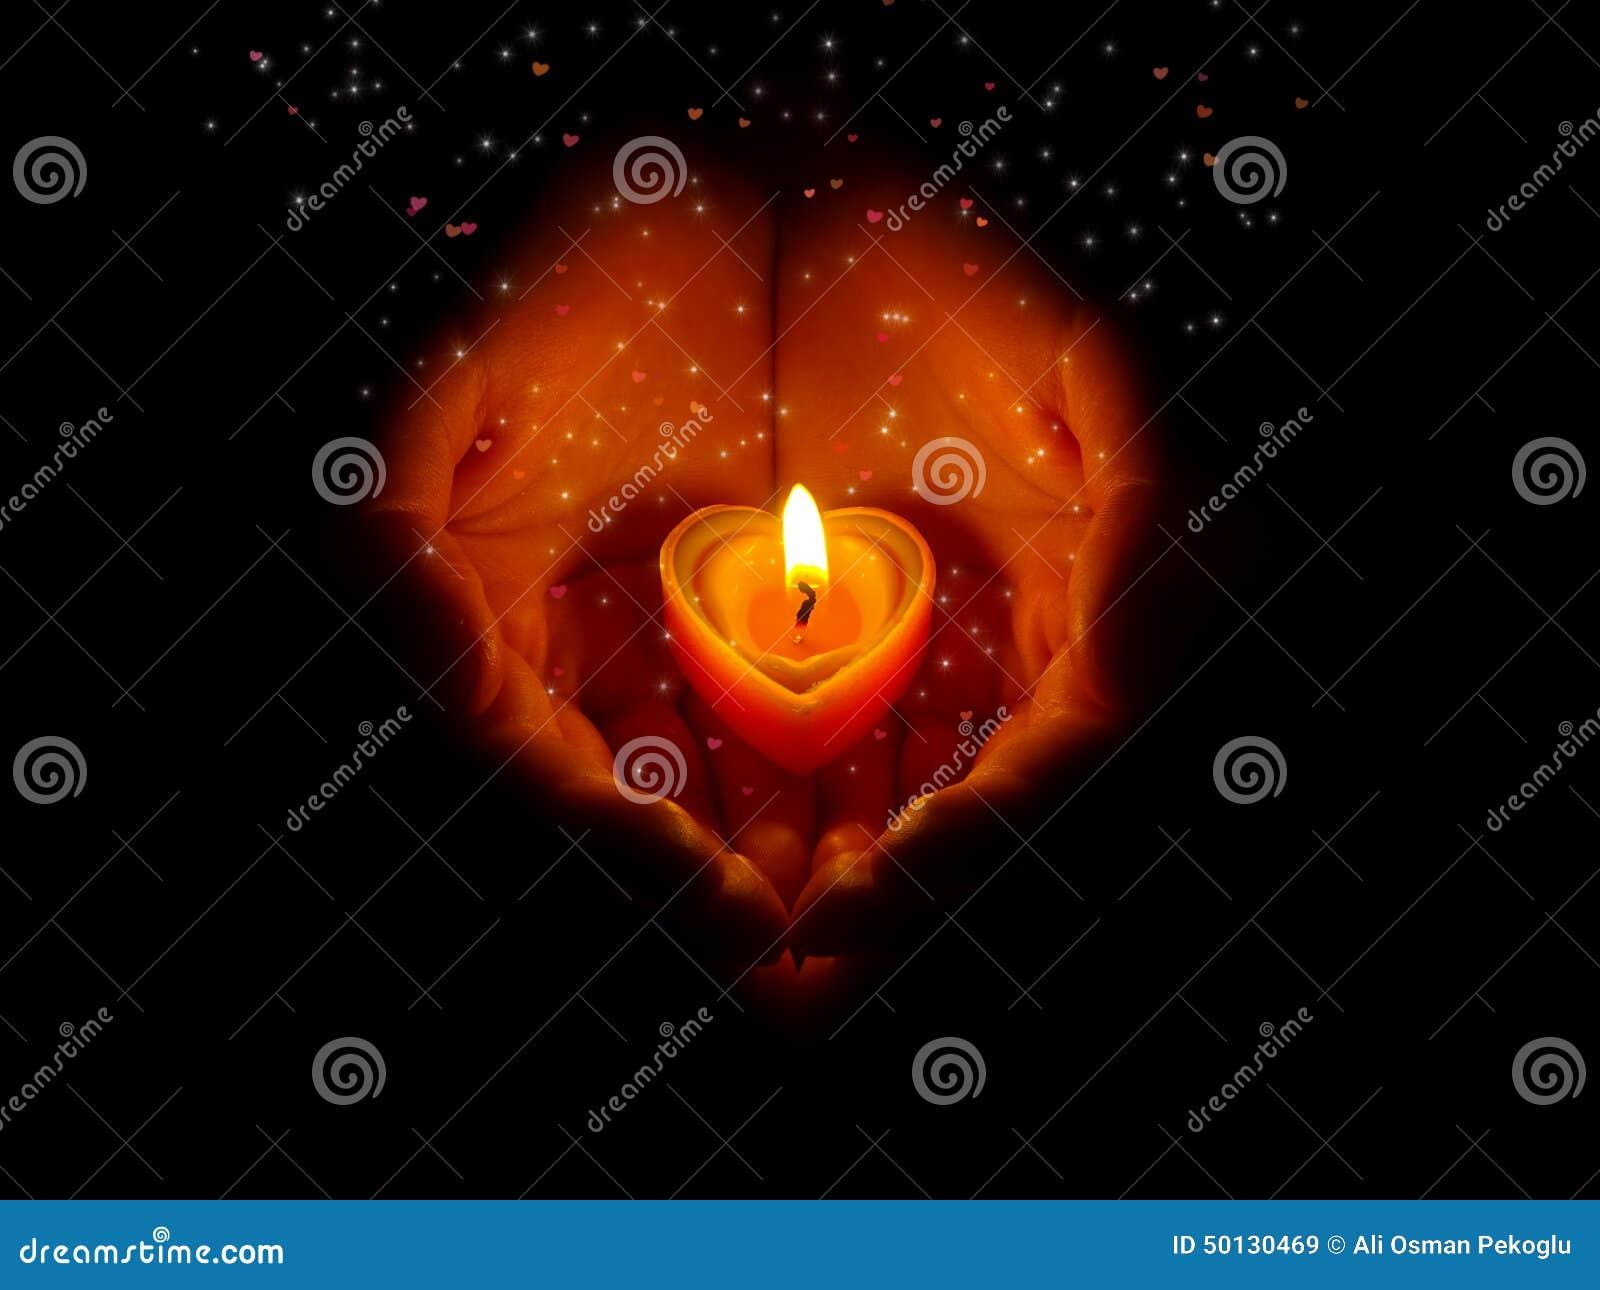 Καίγοντας καρδιά σε ετοιμότητα